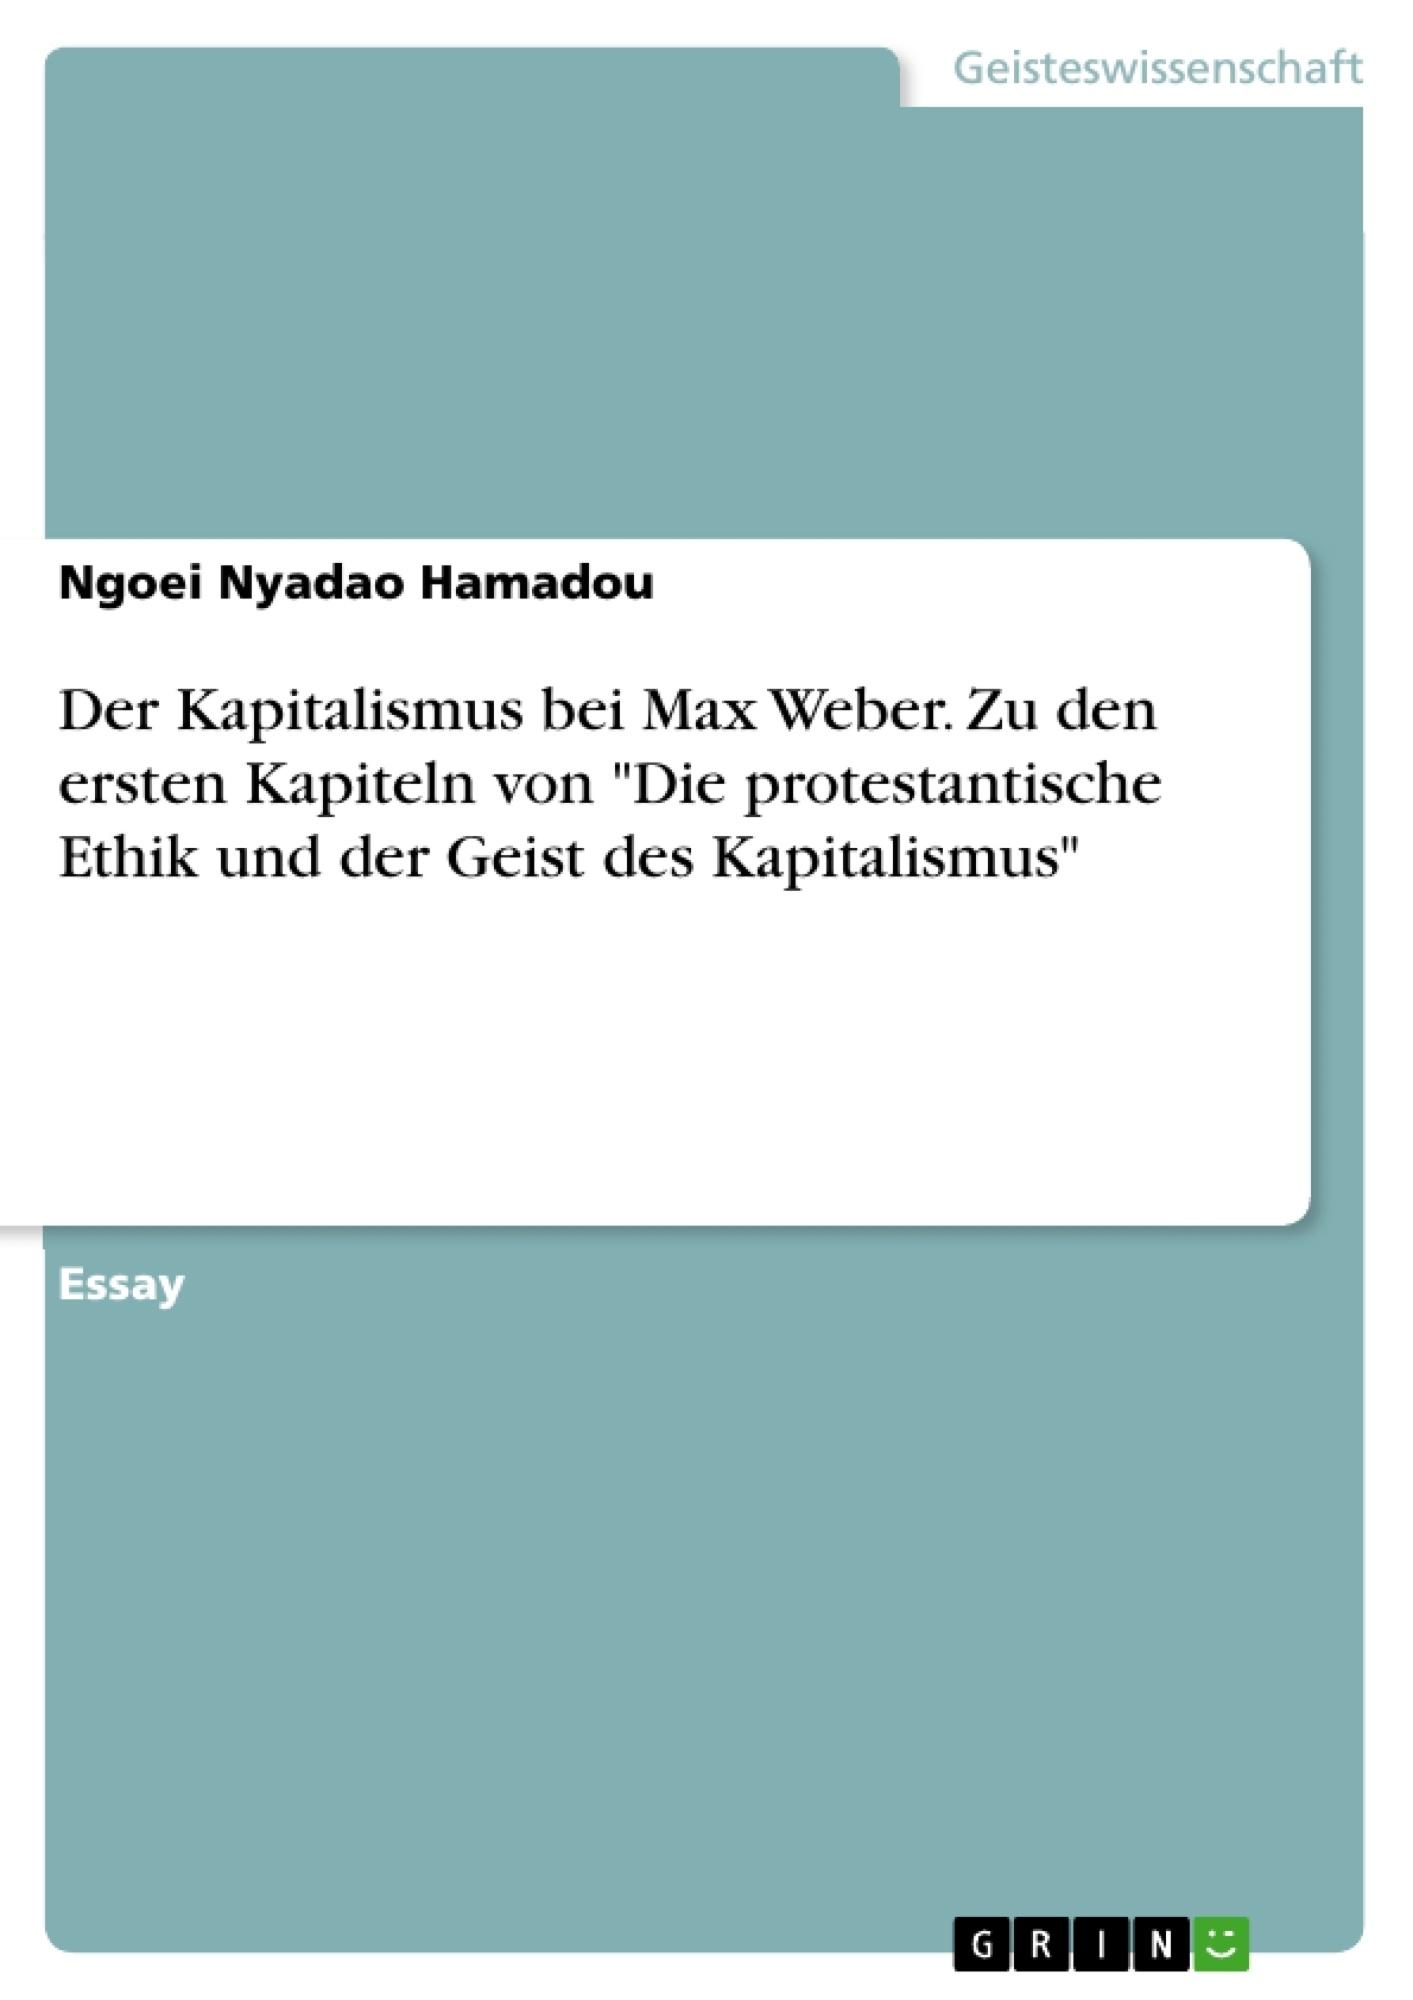 """Titel: Der Kapitalismus bei Max Weber. Zu den ersten Kapiteln von """"Die protestantische Ethik und der Geist des Kapitalismus"""""""